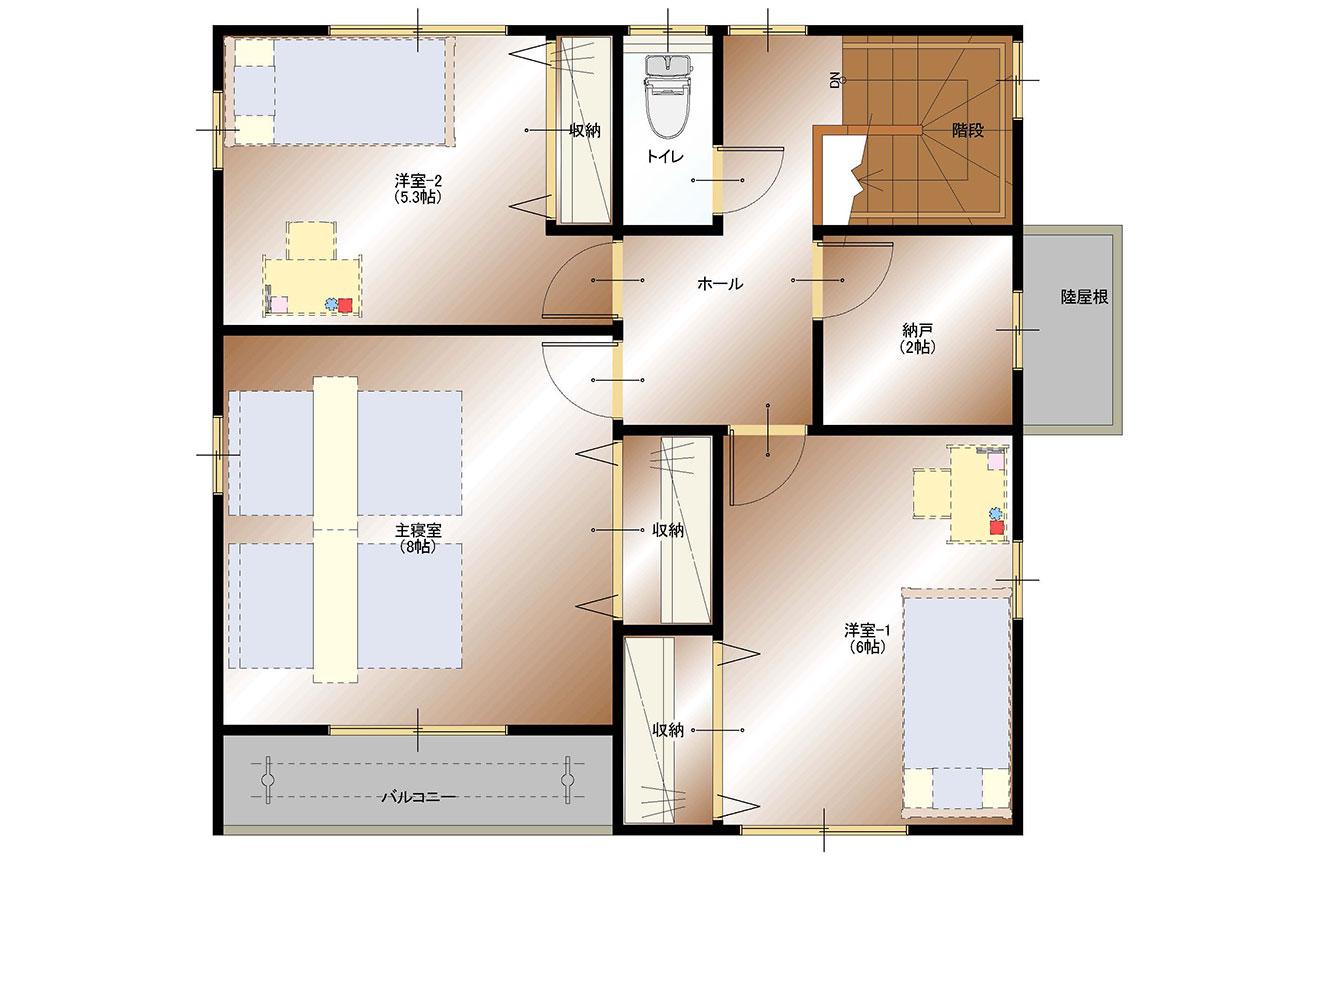 南アルプス市飯野E9号棟 建売住宅 間取り図2F